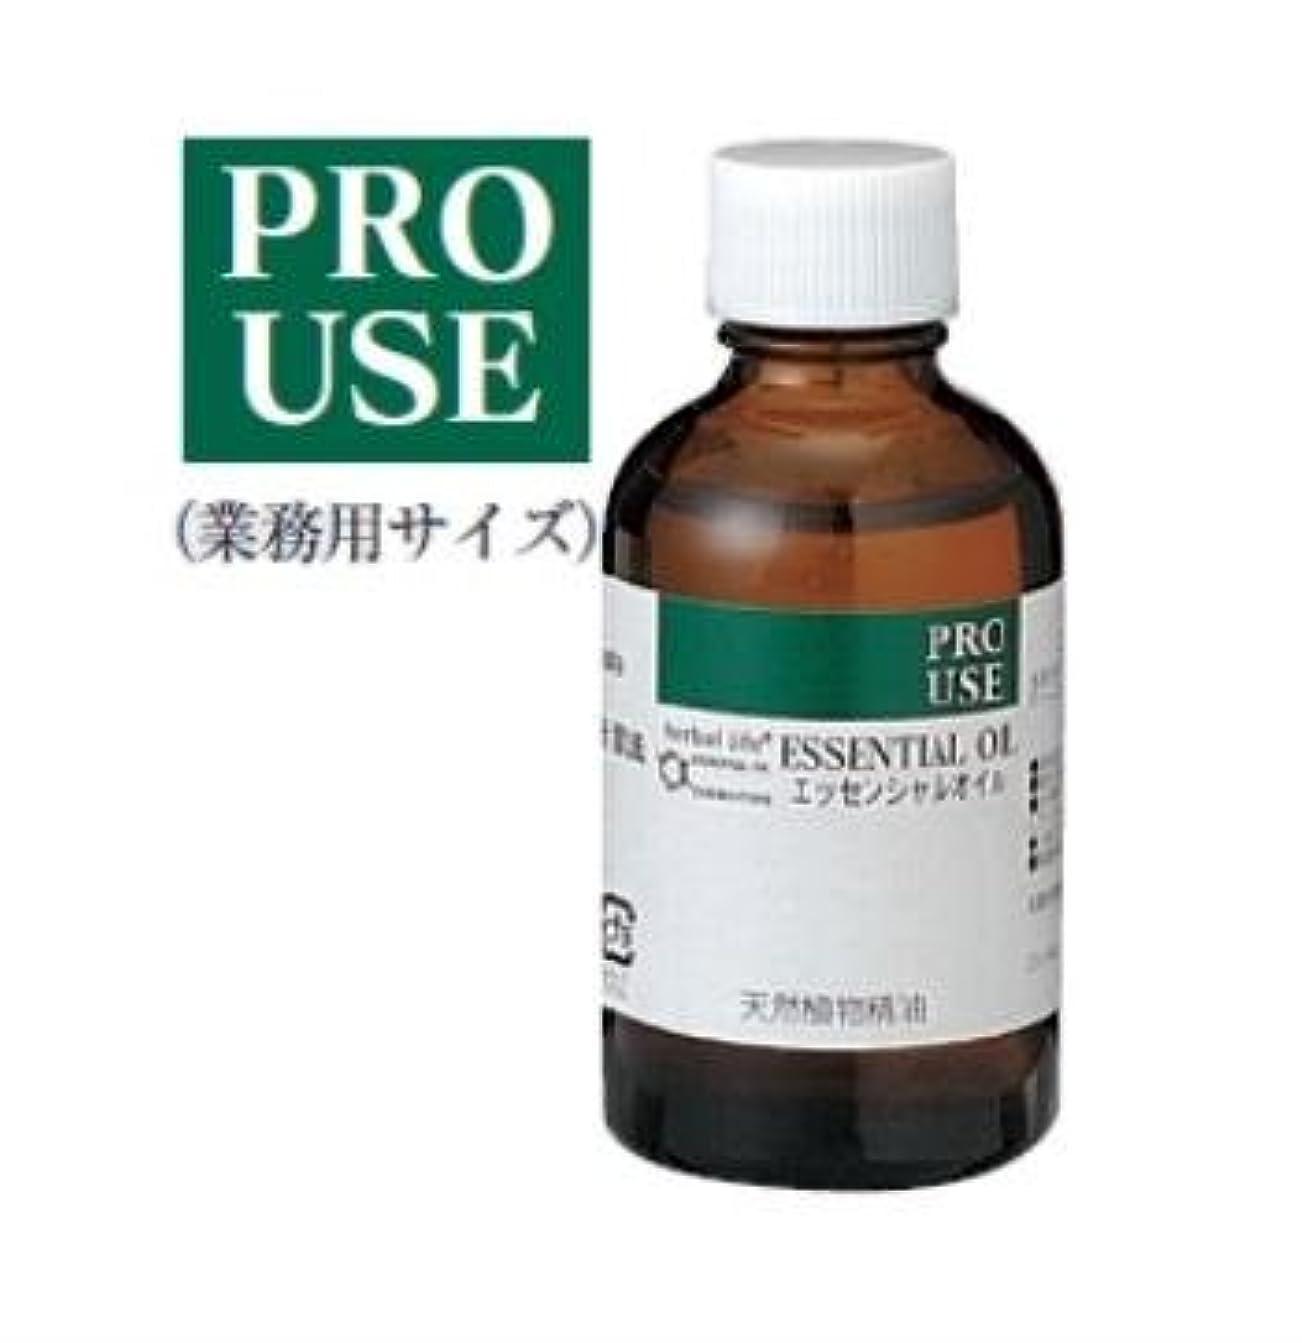 ライフル分類害虫生活の木 ラベンダー[ブルガリア産]50ml エッセンシャルオイル/精油